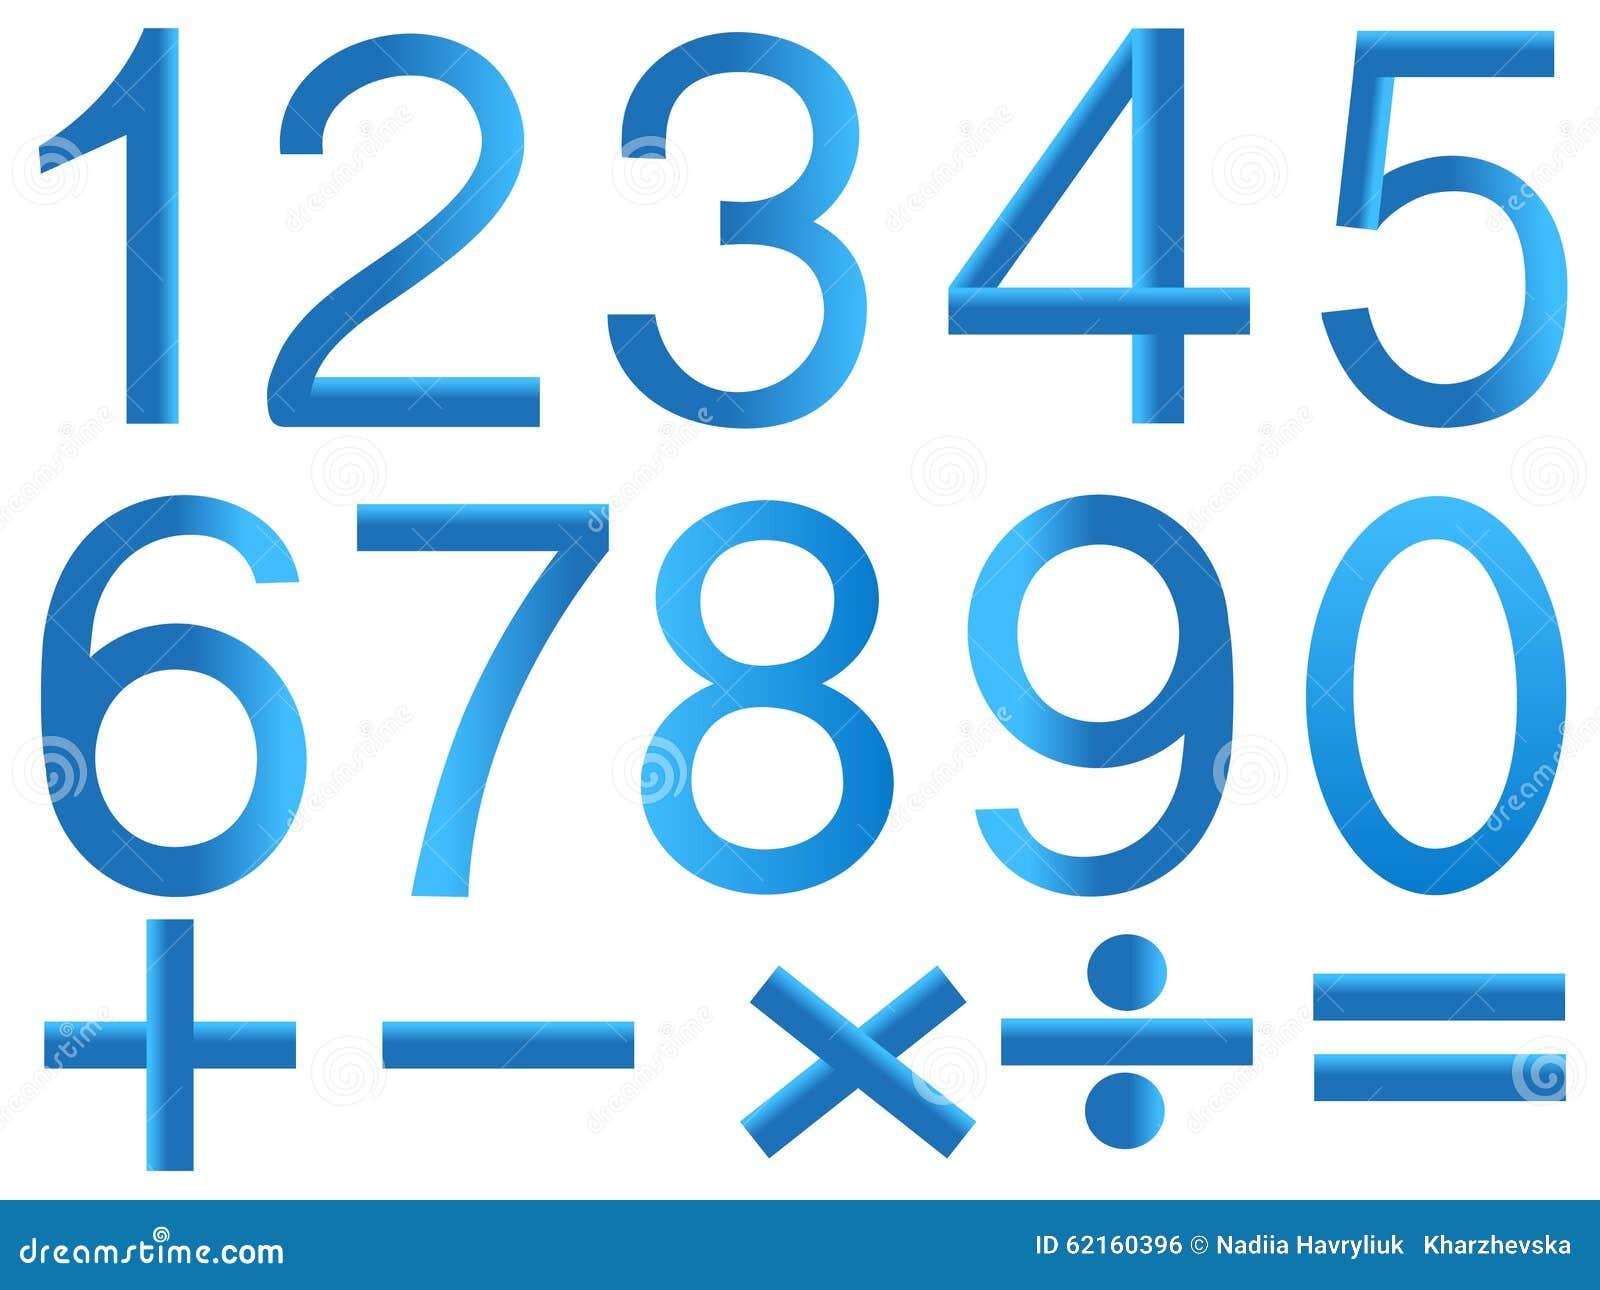 数学的数字和标志在白色背景的.图片